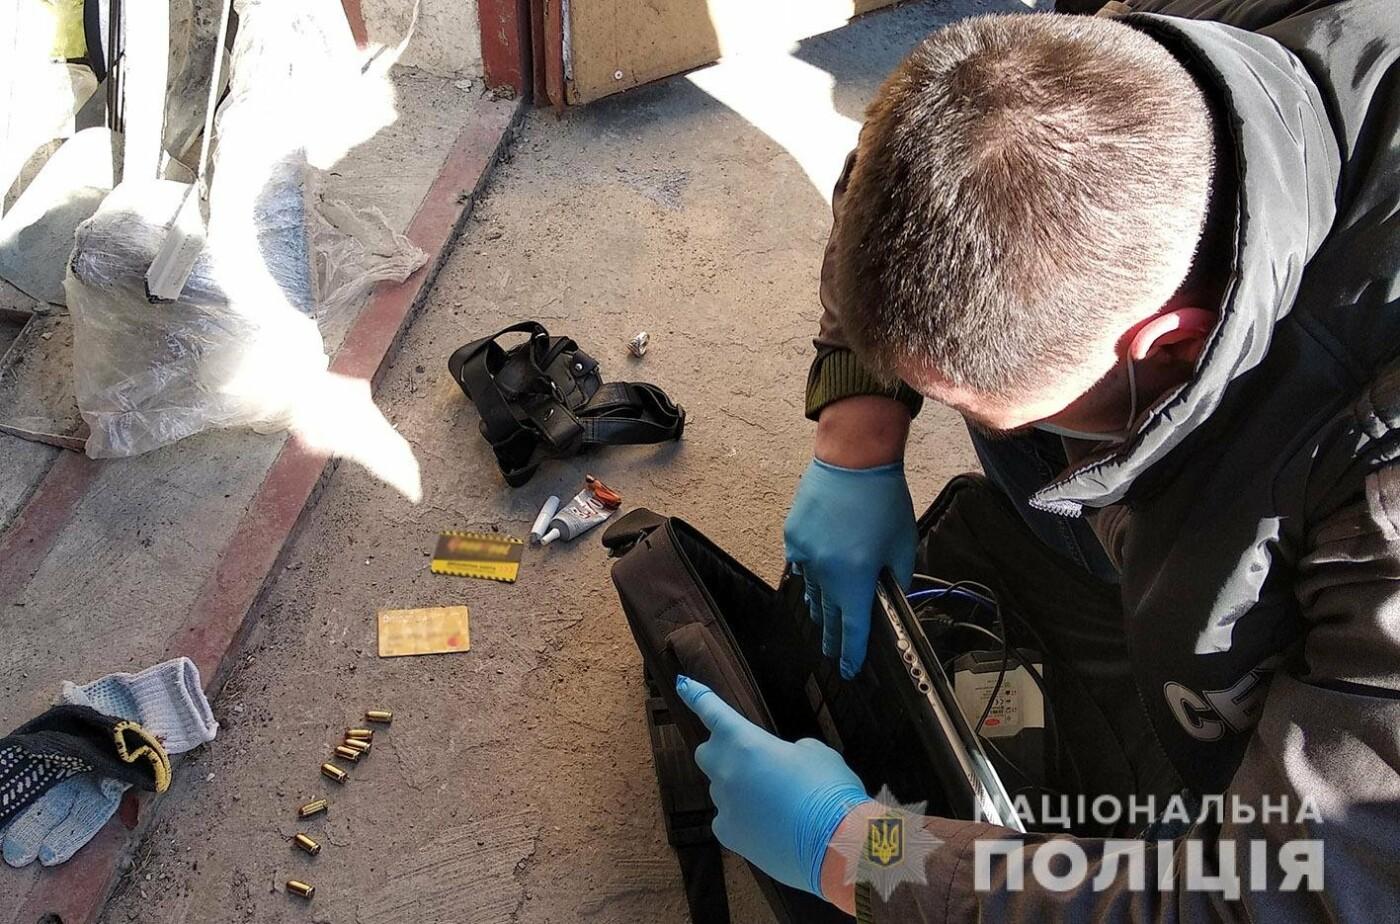 На Хмельниччині зловмисники виготовлювали та збували вогнепальну зброю та боєприпаси , фото-1